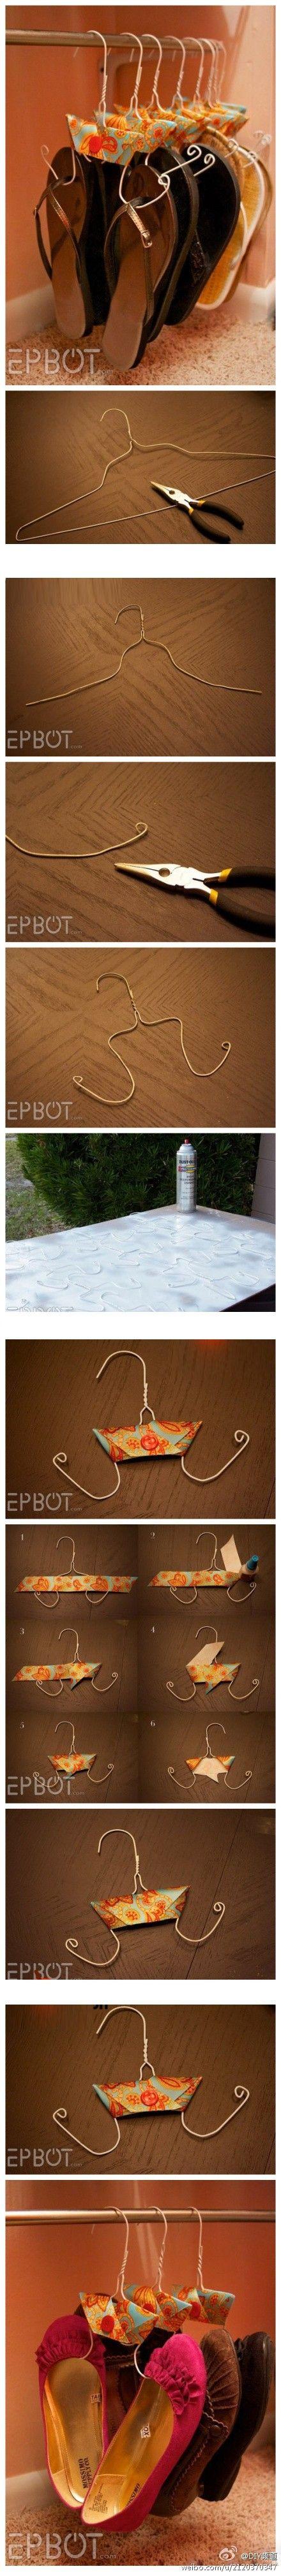 Wire-hanger shoe hanger